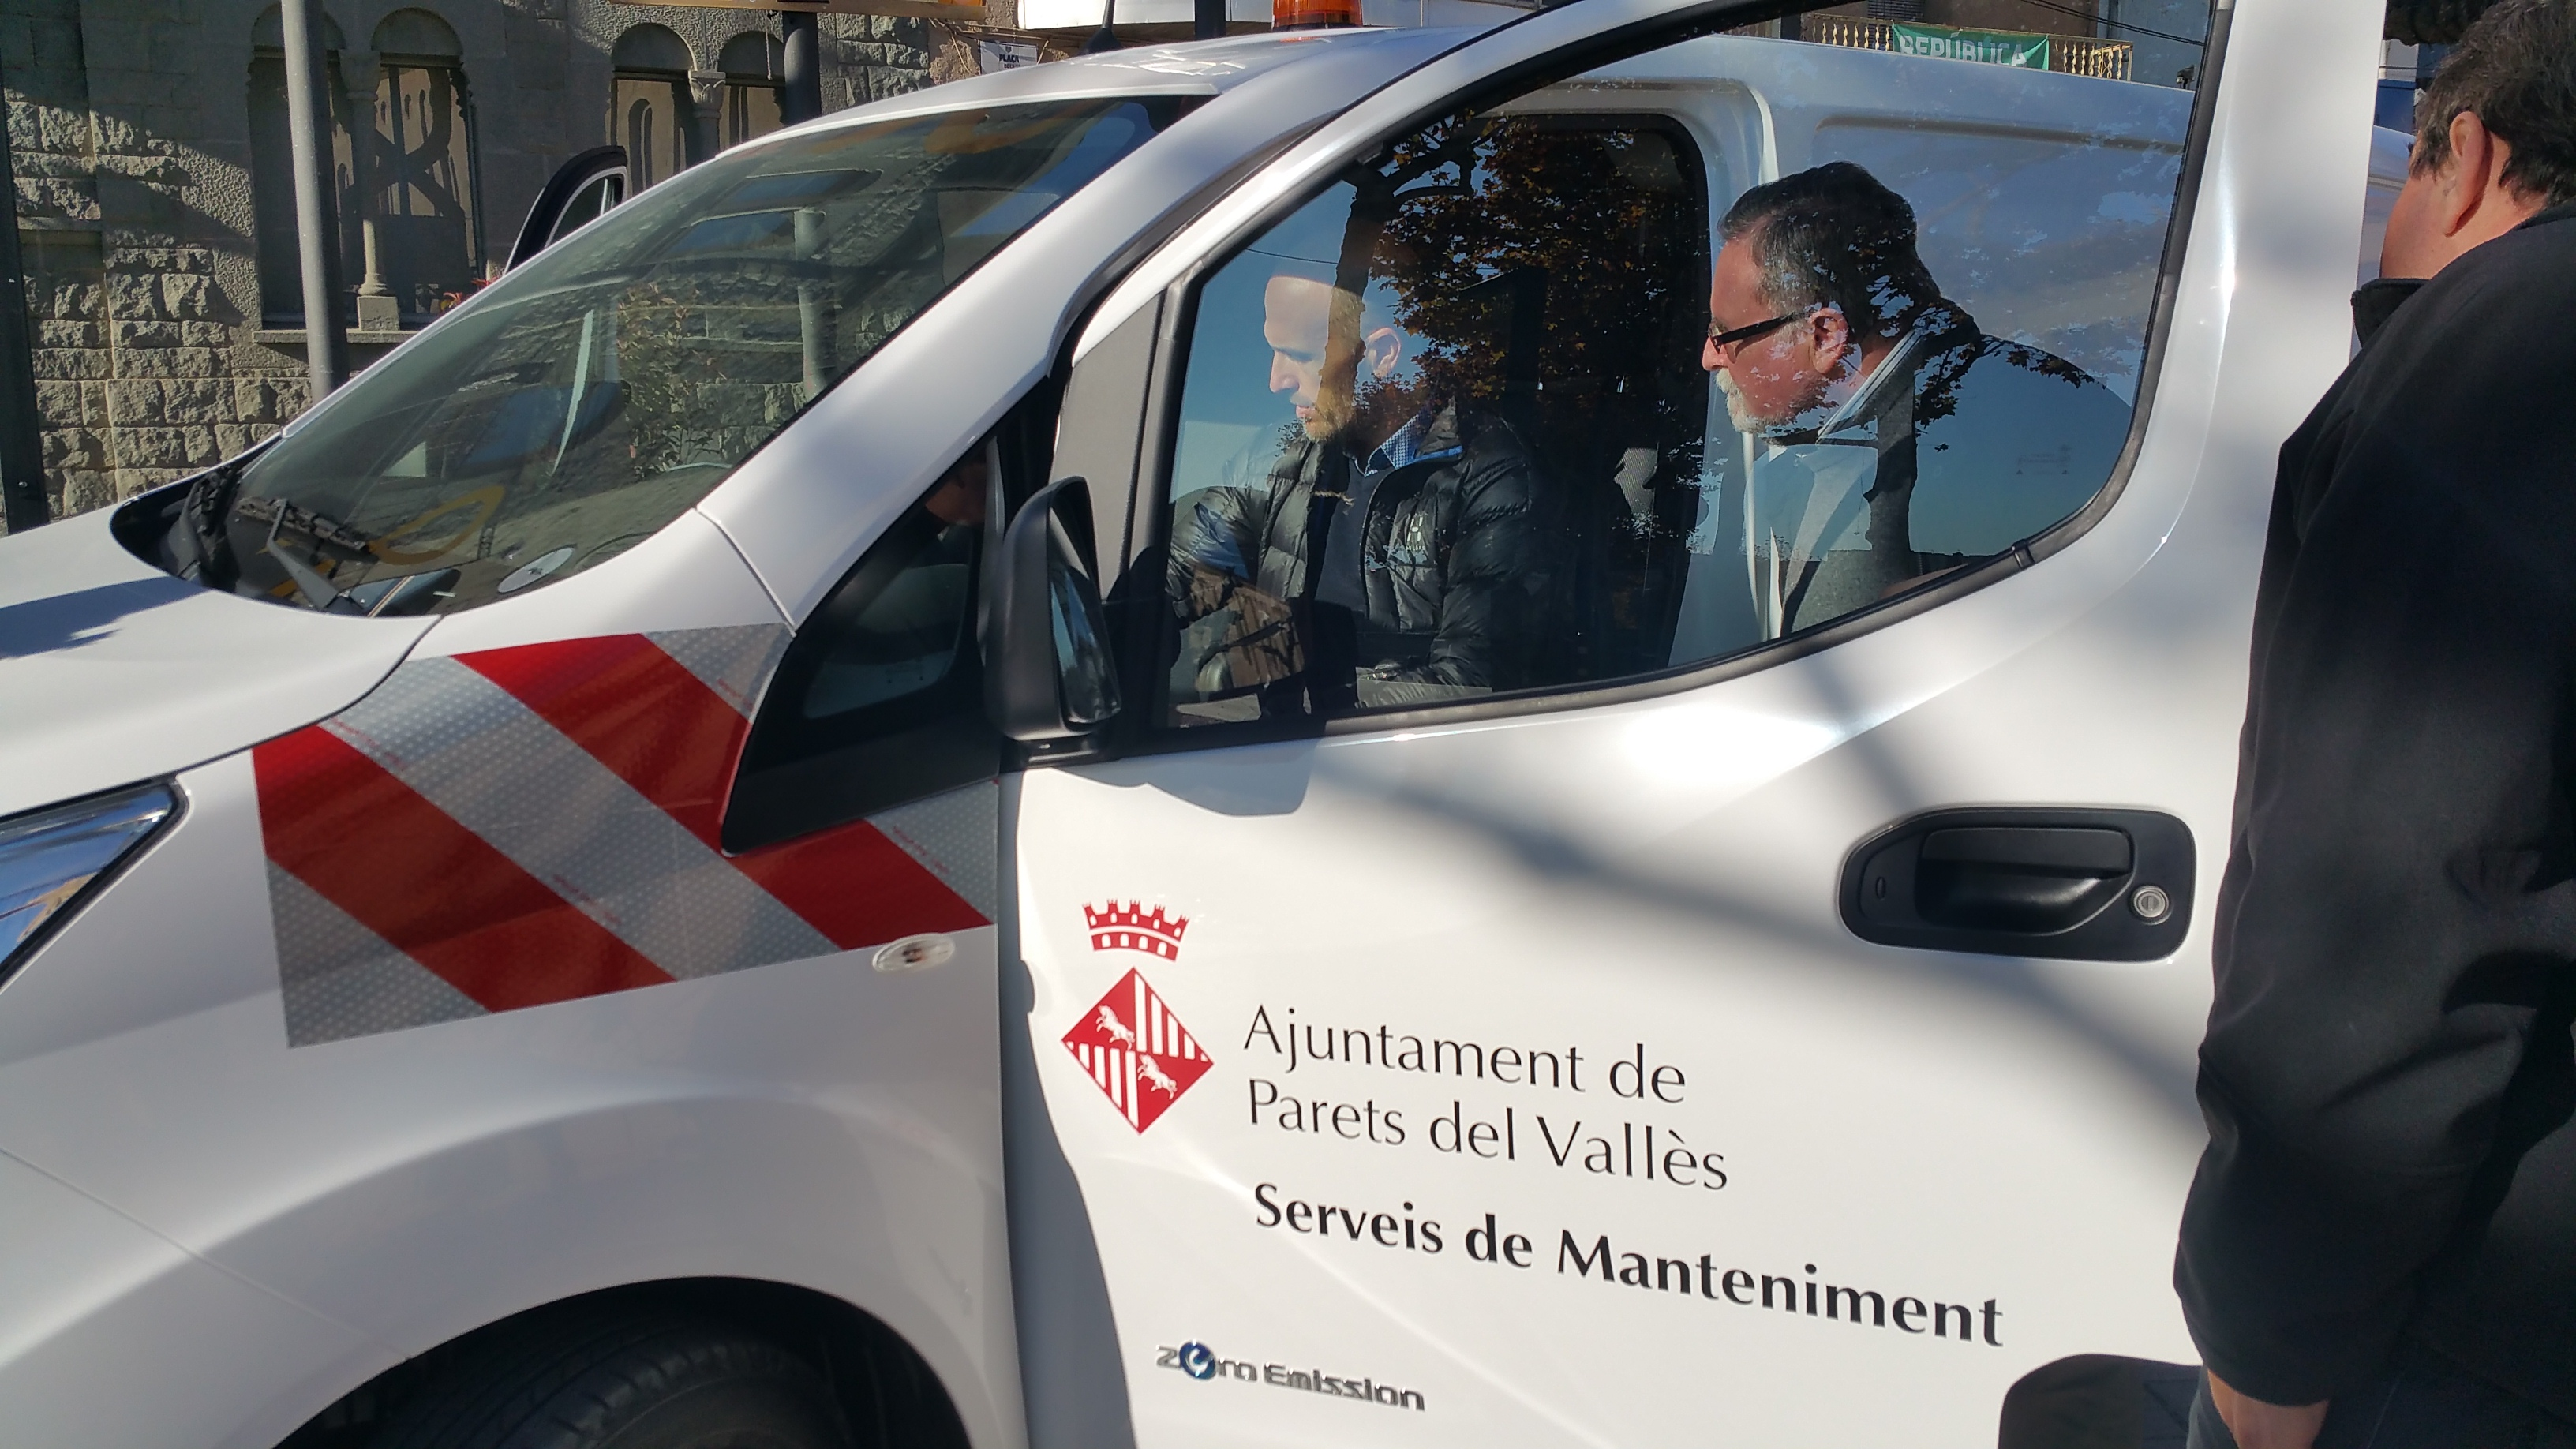 Ajuntament de Parets